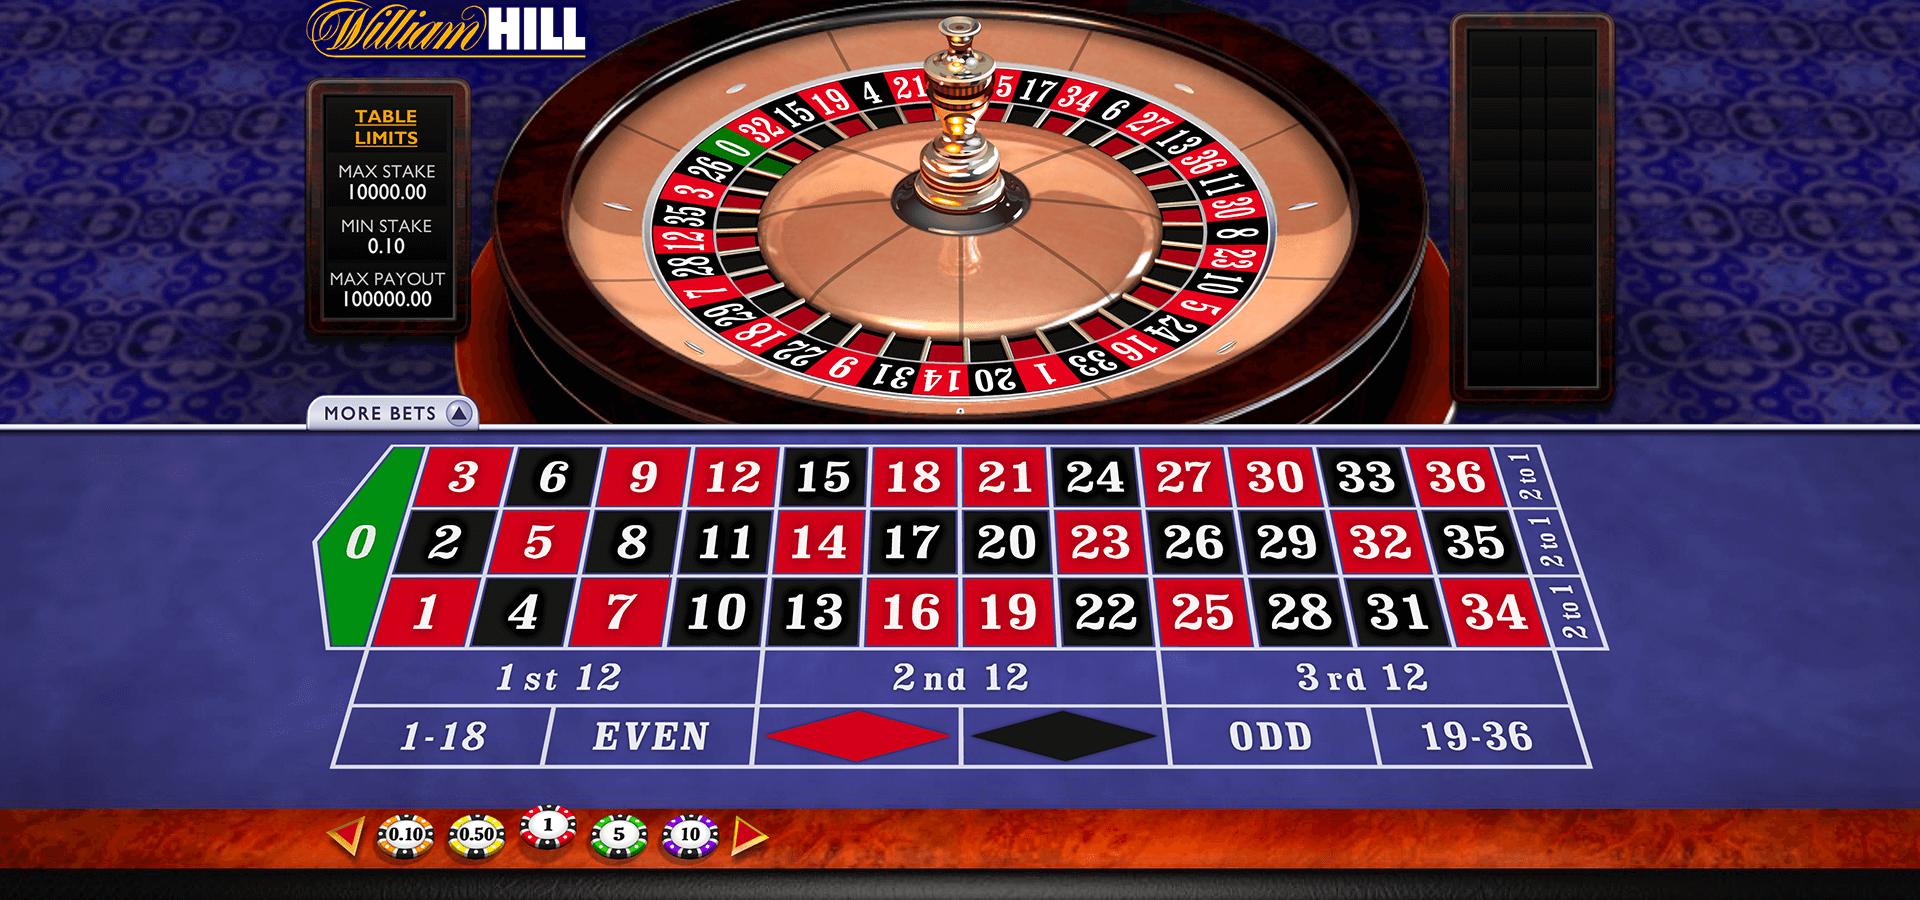 Juego de casino mas facil de ganar variedad juegos 442140